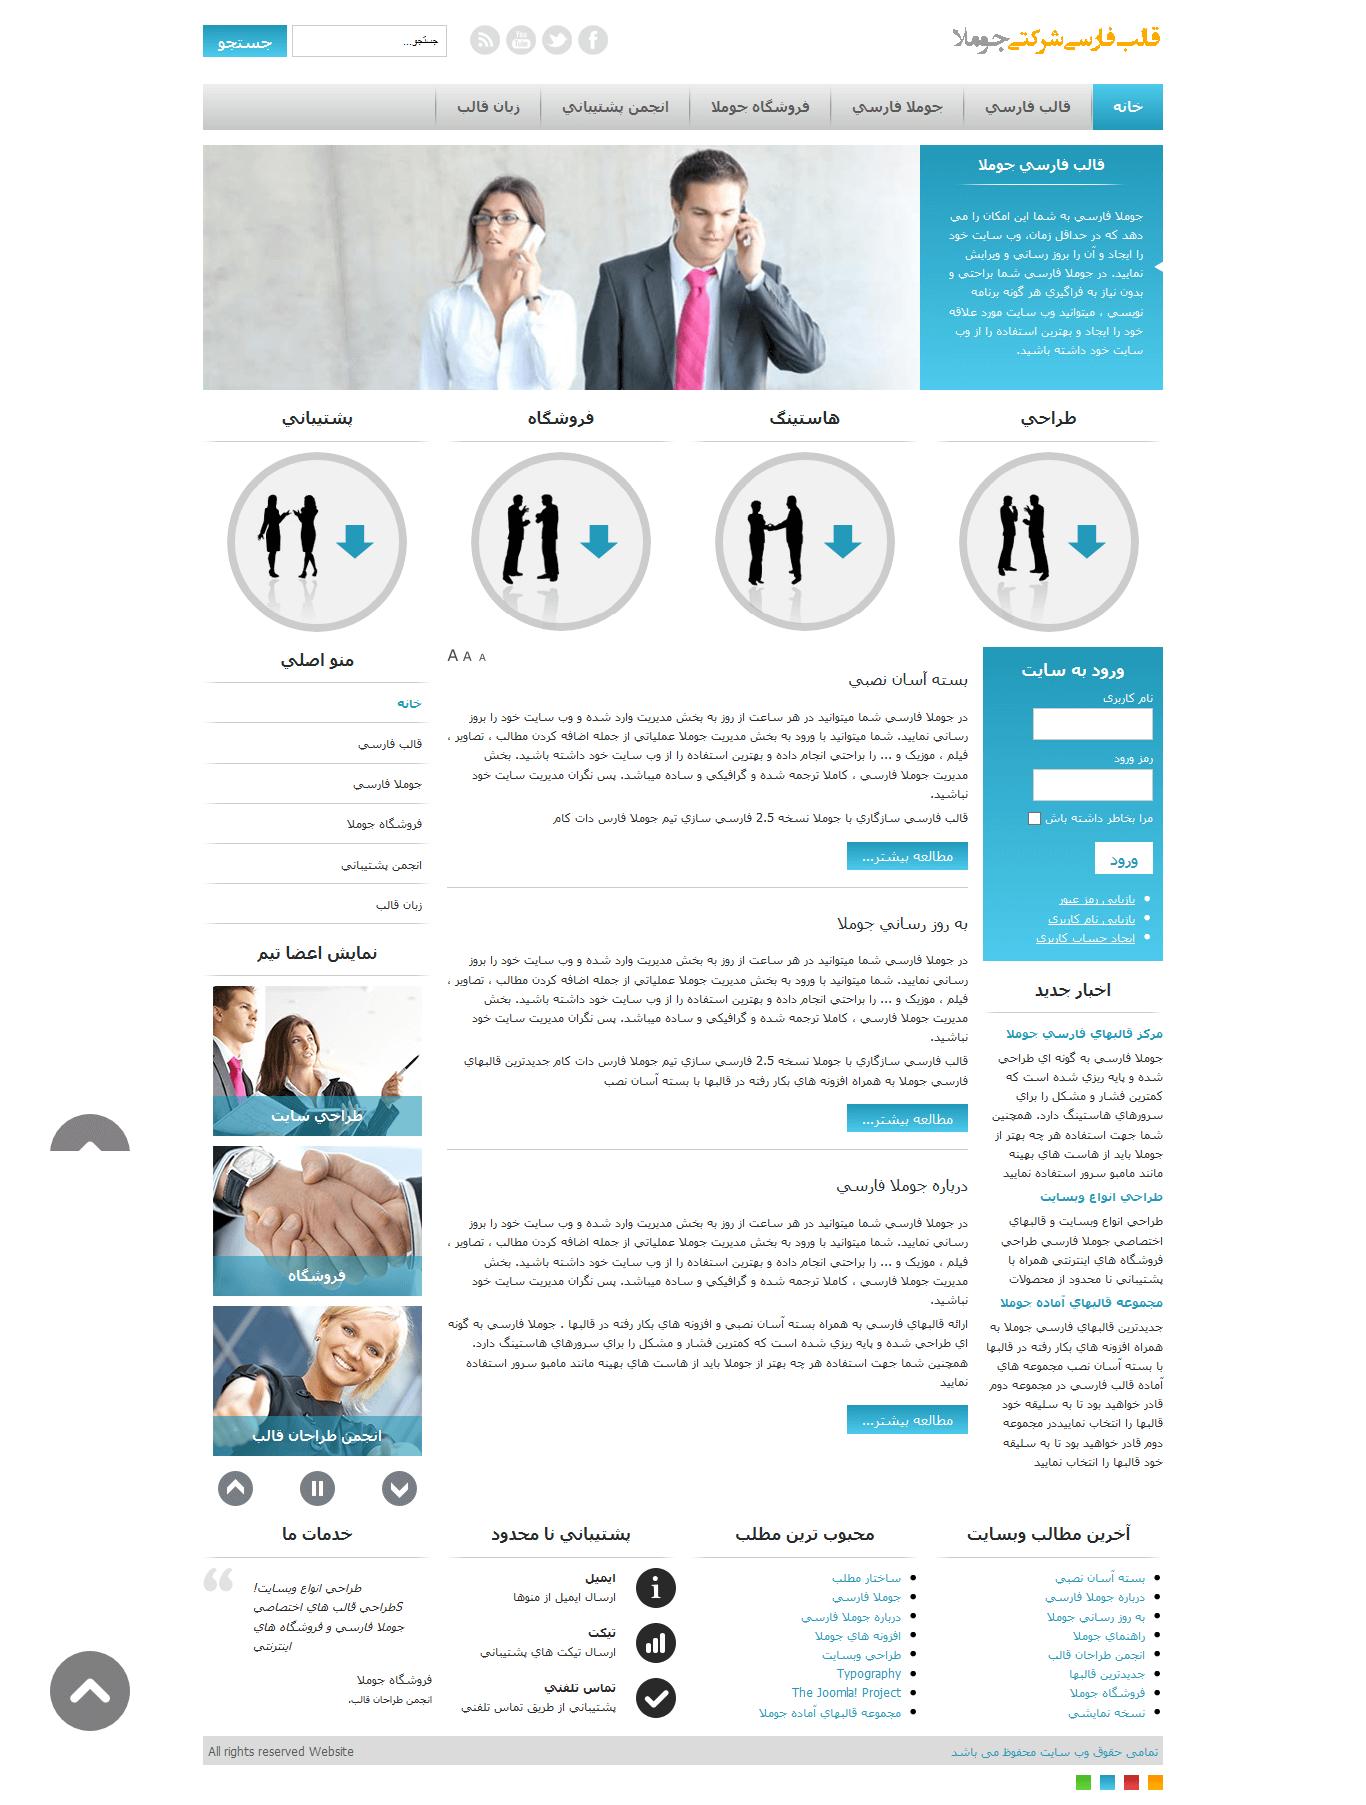 حالت دسکتاپ سایت شرکتی تکنو